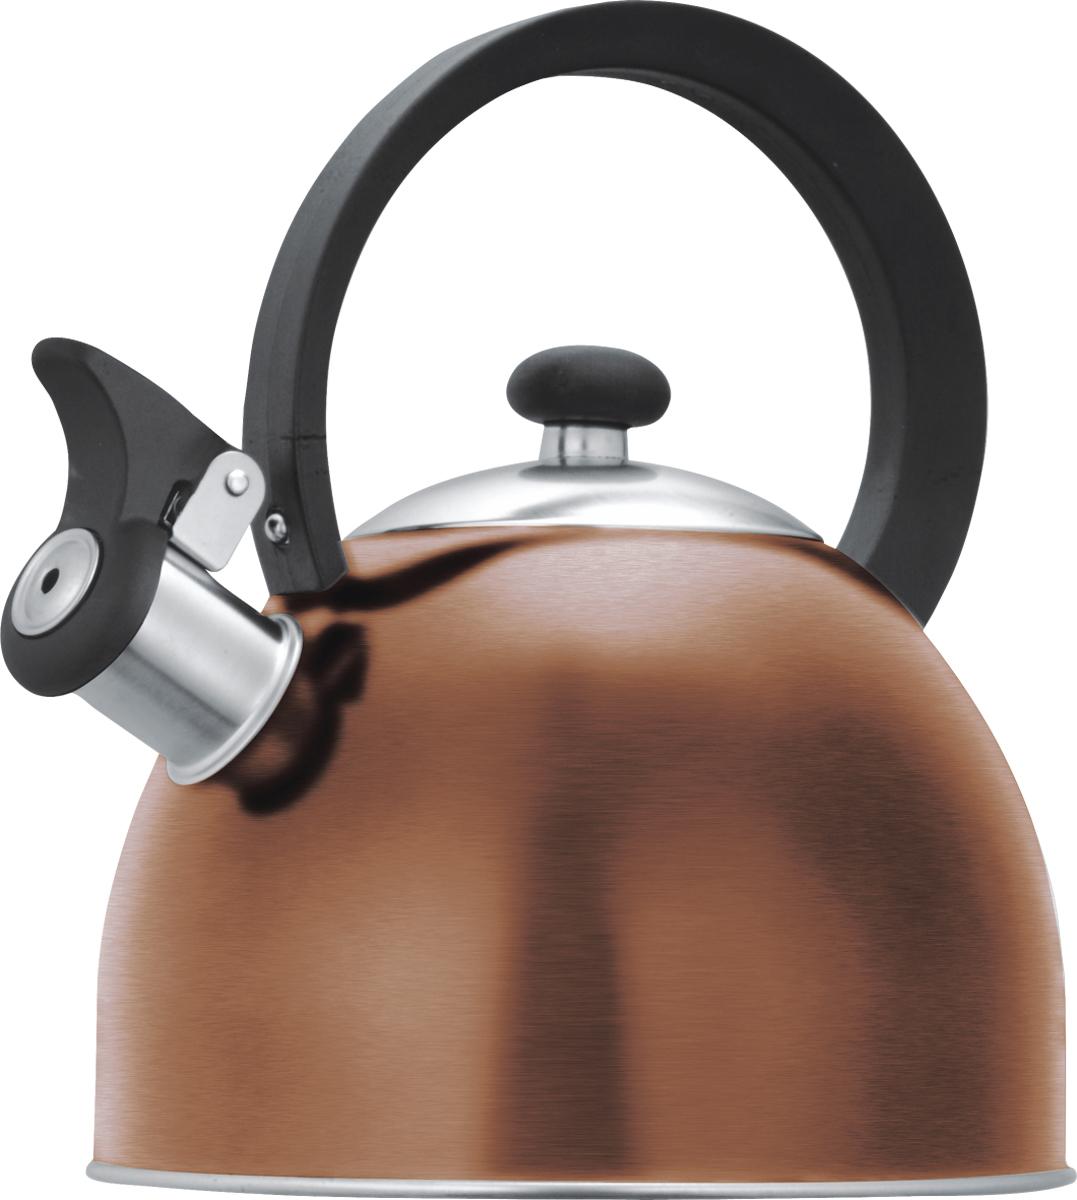 Чайник со свистком Lumme, цвет: медь, 1,8 л. LU-256LU-256 медьЧайник со свистком Lumme в корпусе из высококачественной пищевой нержавеющей стали с термостойкой ненагревающейся ручкой и свистком, поднимающимся с помощью рычажка.Высококачественная нержавеющая сталь не имеет запаха, не выделяет примесей и сохраняет все природные натуральные свойства воды.Свисток на носике чайника – привычный элемент комфорта и безопасности, потому что своевременный сигнал о готовности кипятка сэкономит время и электроэнергию, вода никогда не выкипит полностью, и чайник прослужит очень долго.Подходит для всех типов плит, кроме индукционных.